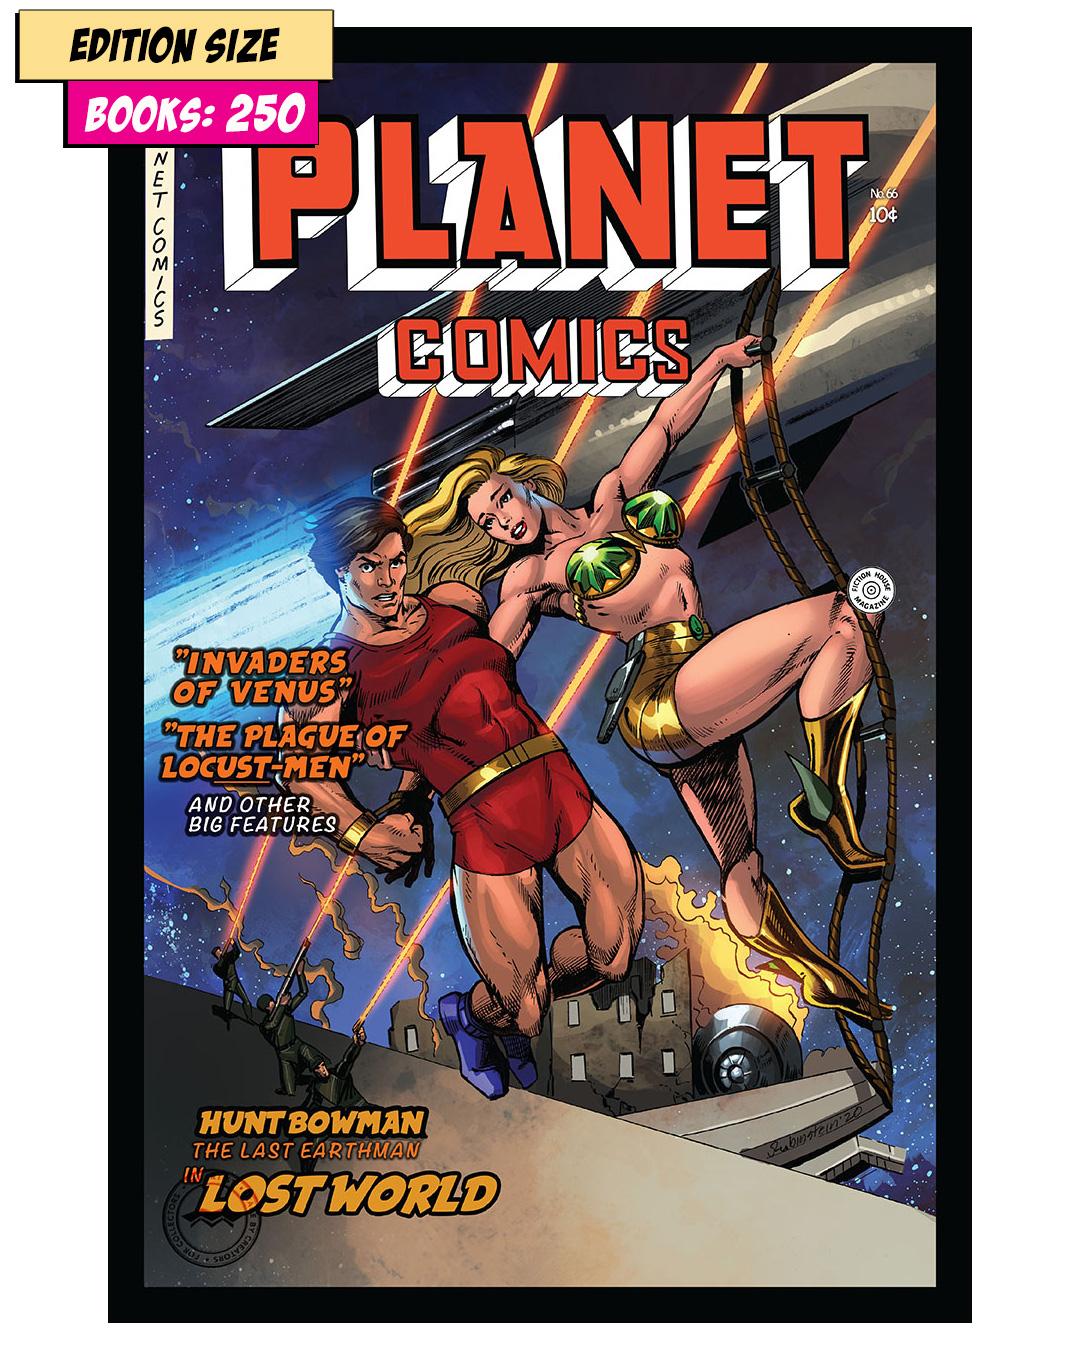 Book - PLANET COMICS #66 PARTIAL: REPRINT